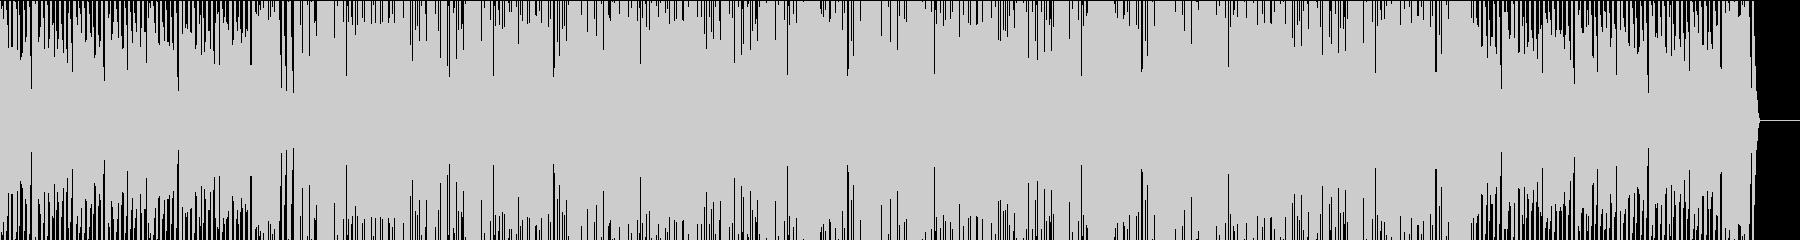 爽やかなピアノが特徴のハウスの未再生の波形